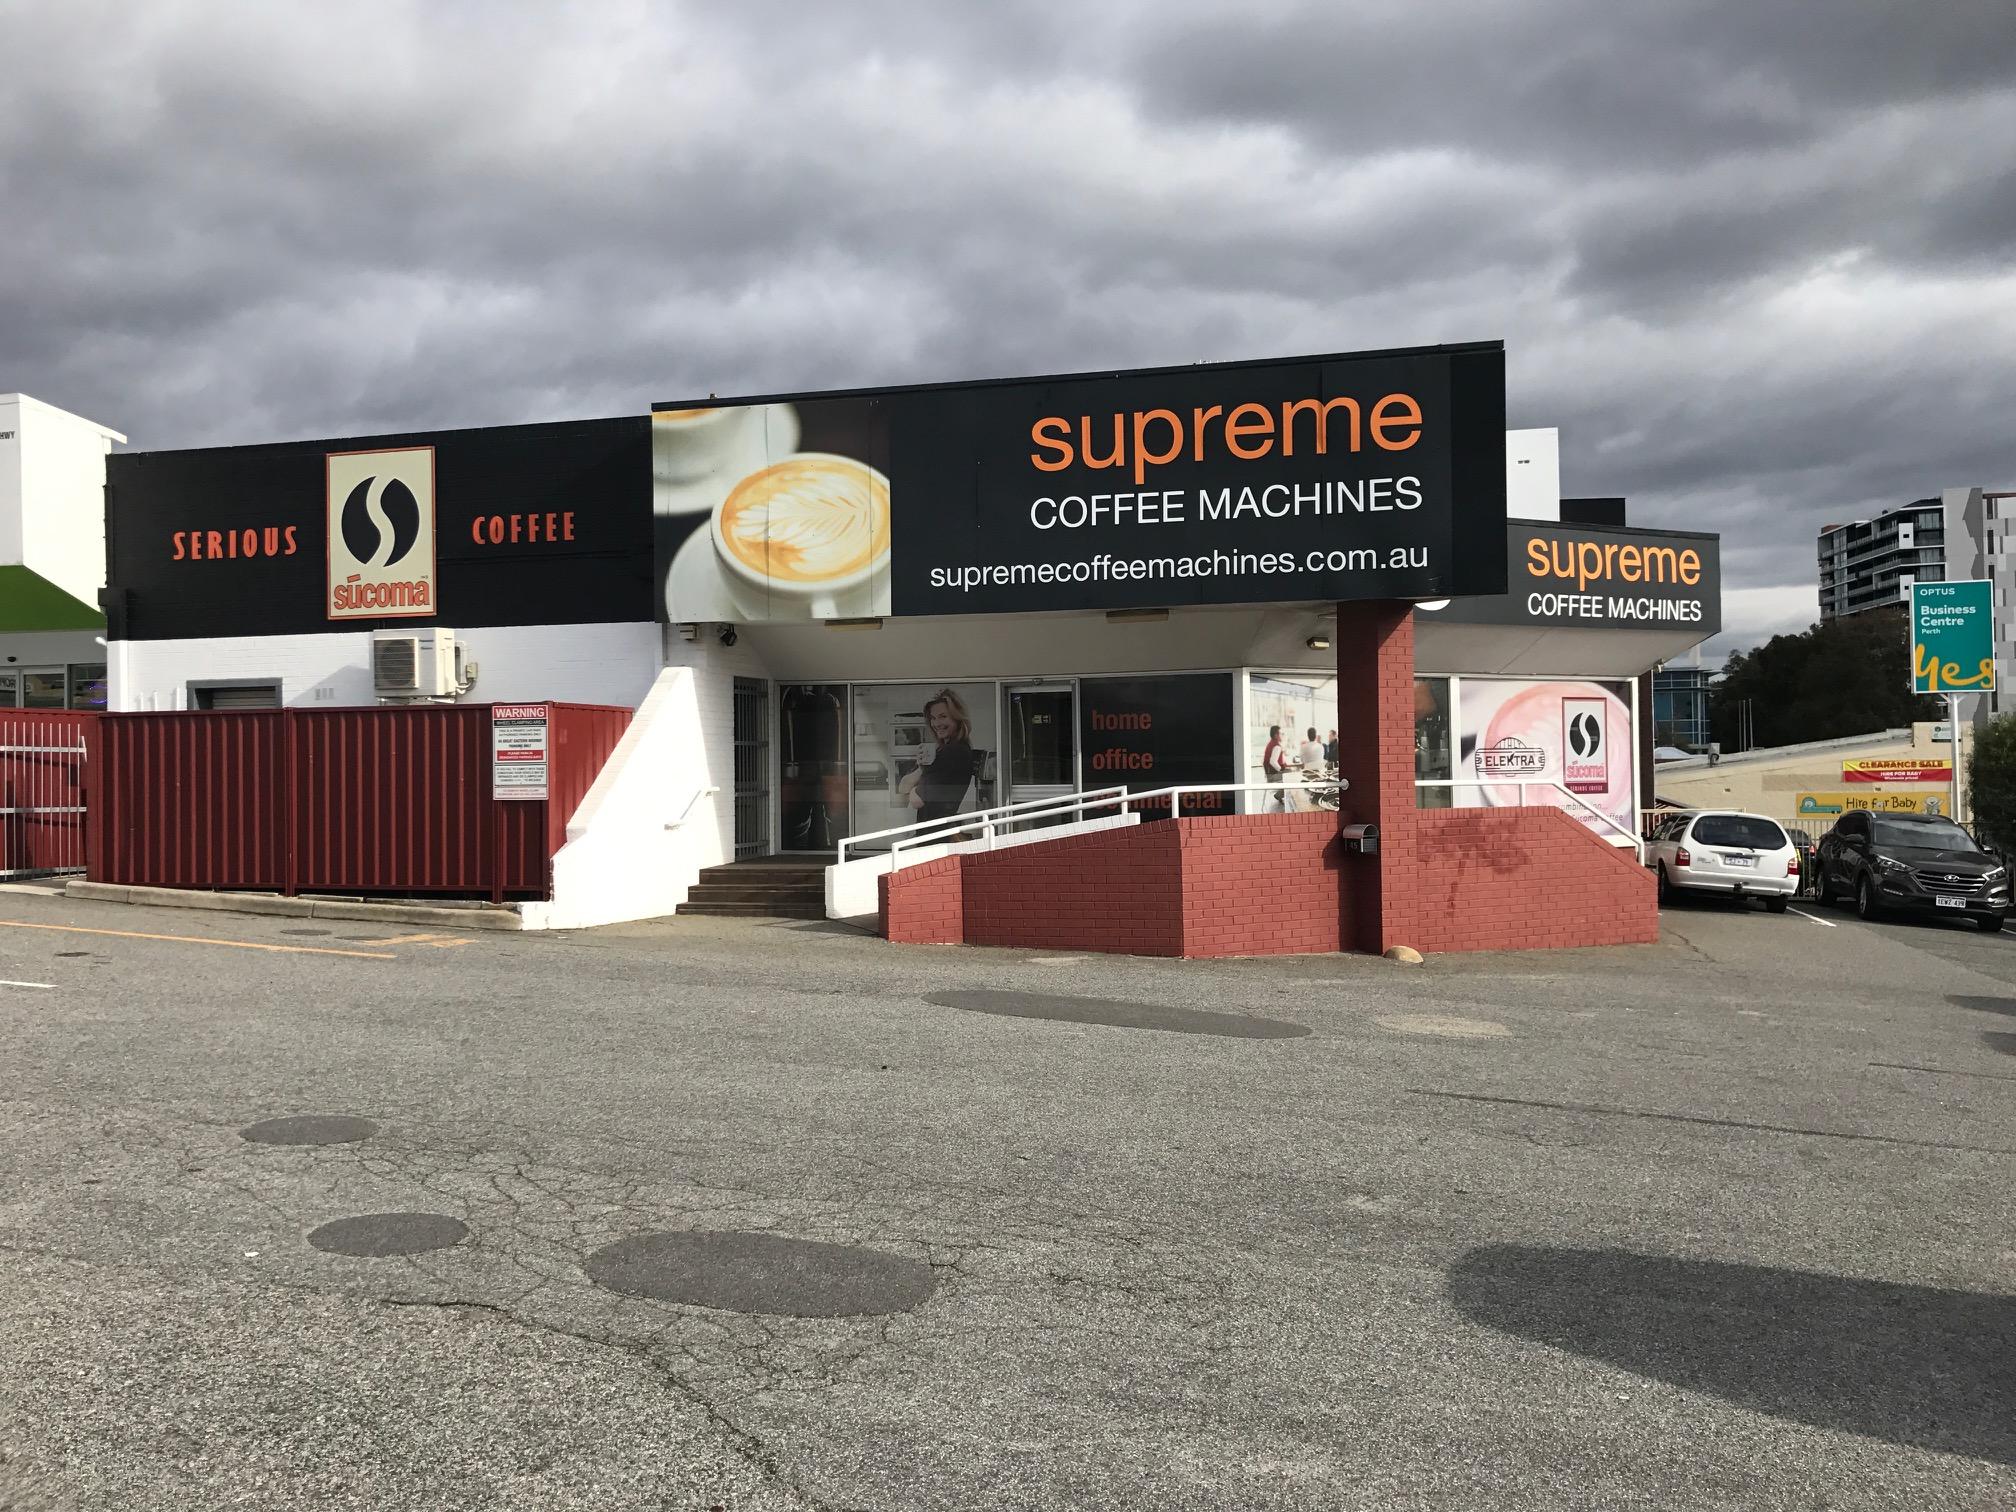 Main Store